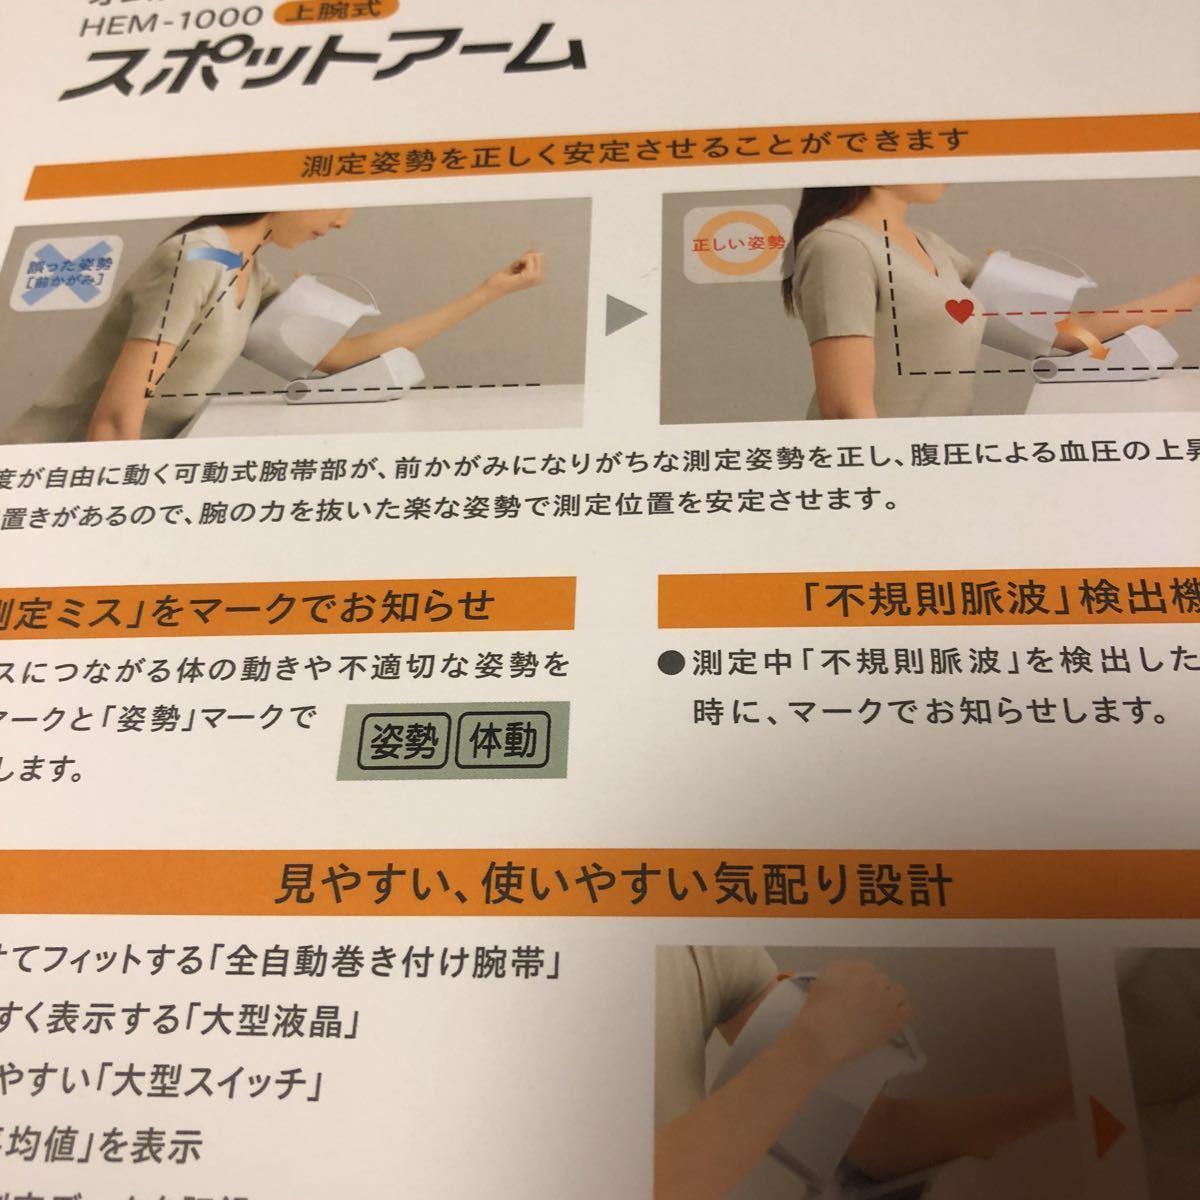 オムロンデジタル血圧計HEM-1000スポットアーム_画像3